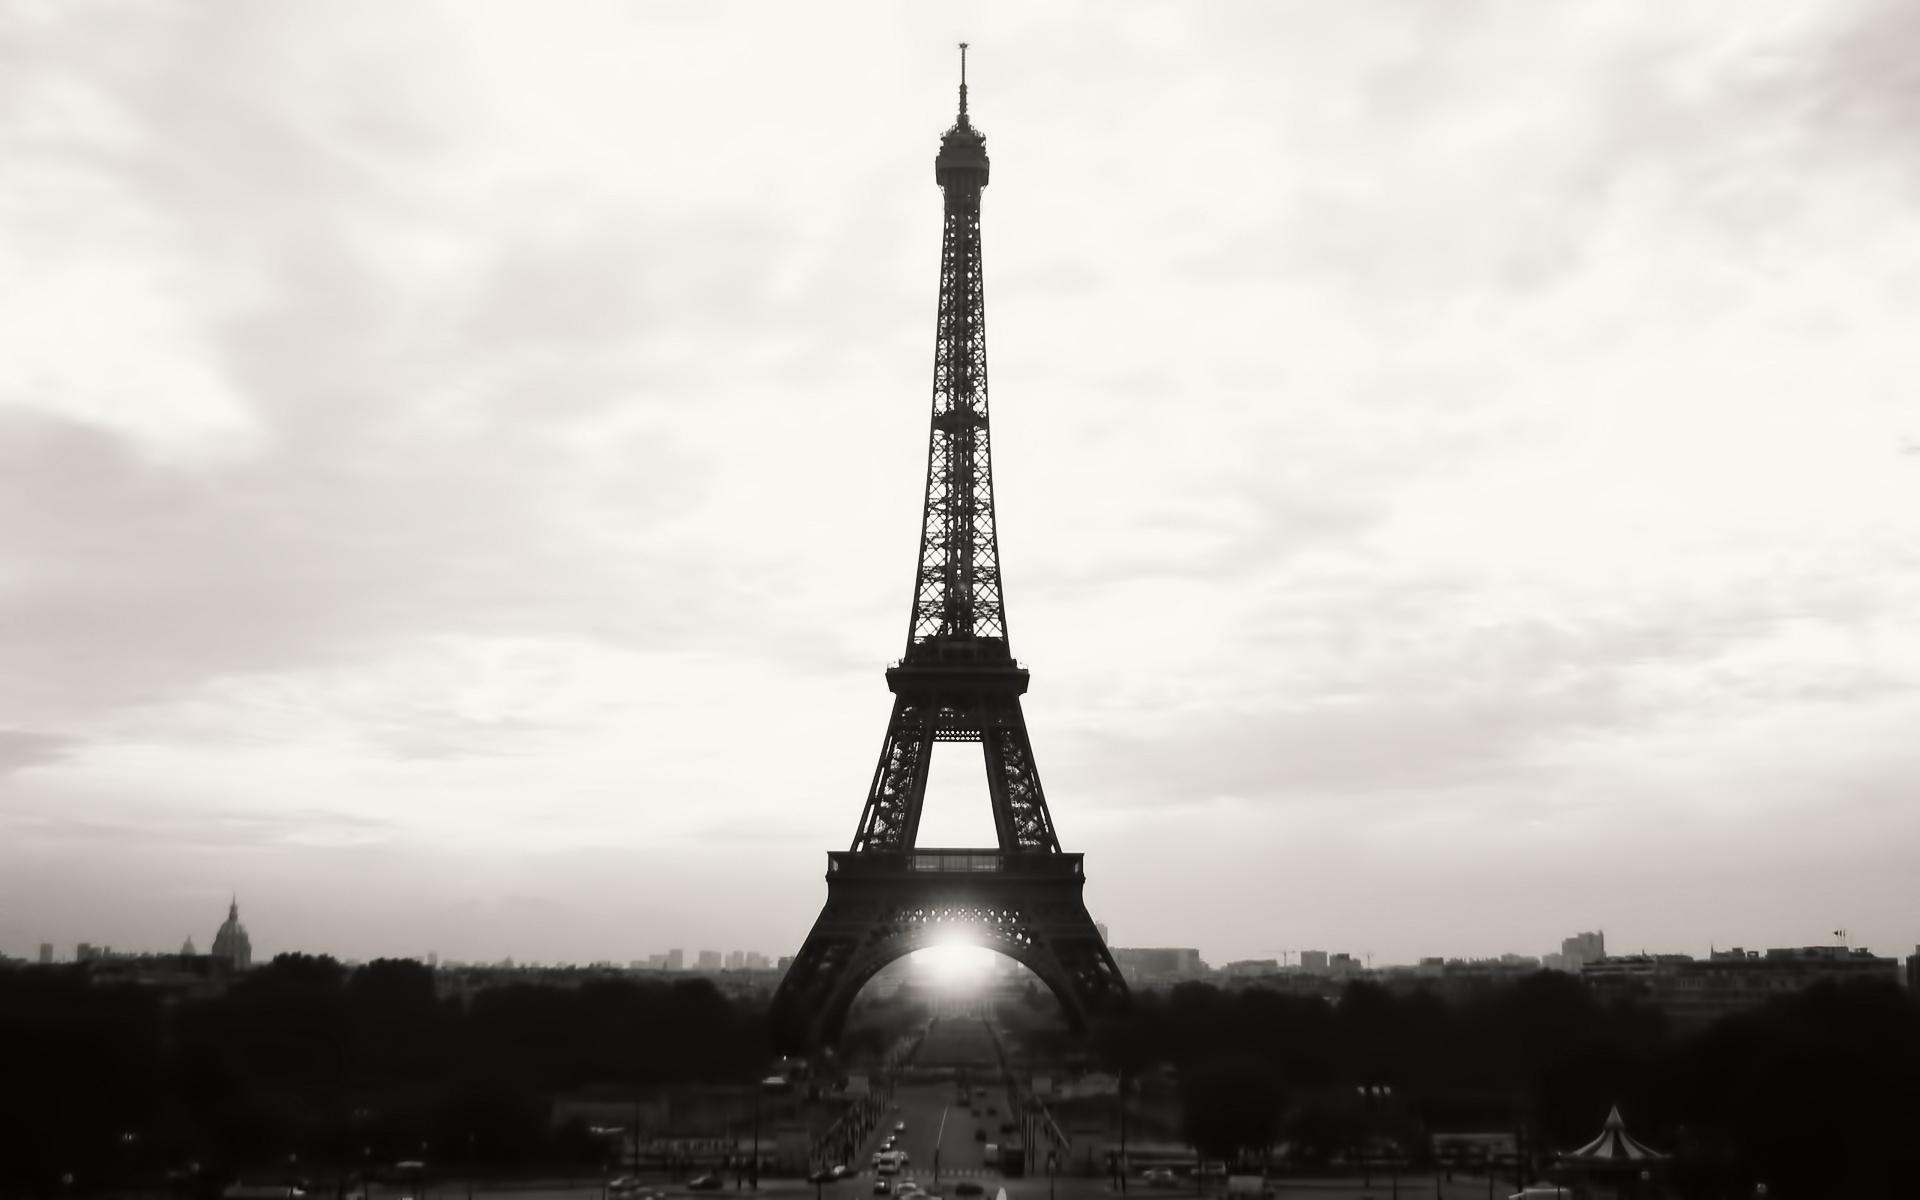 15502 скачать Белые обои на телефон бесплатно, Города, Архитектура, Париж, Эйфелева Башня Белые картинки и заставки на мобильный